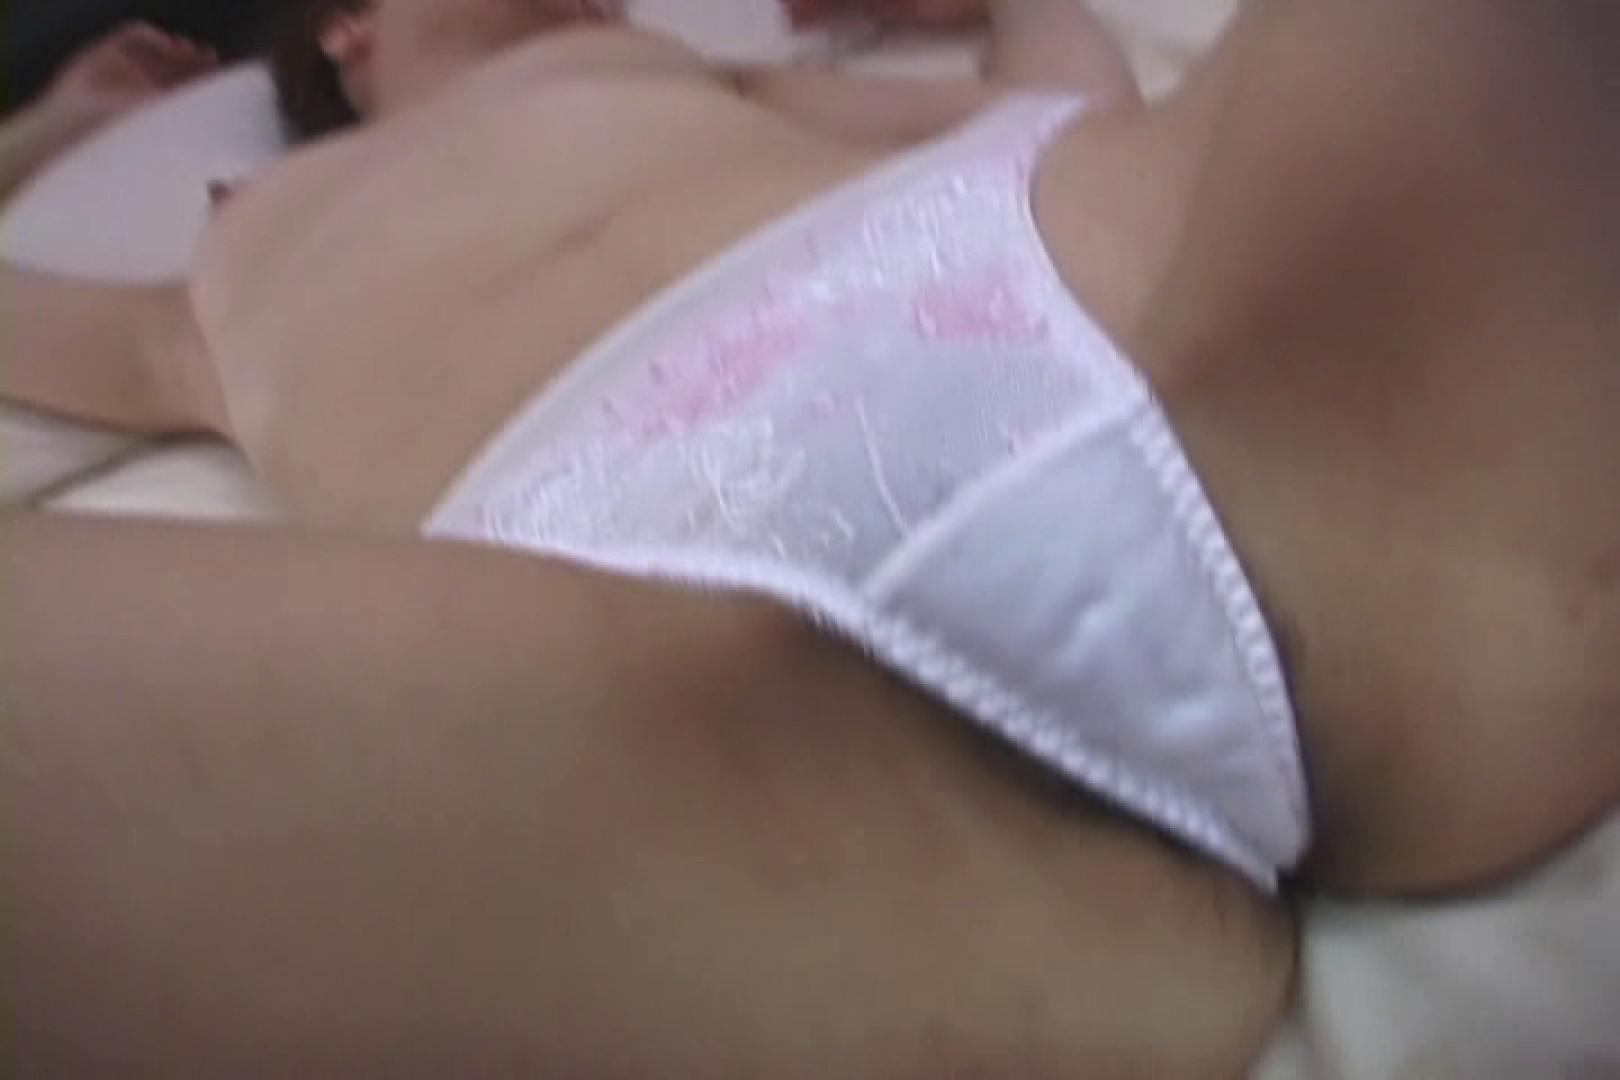 若人妻は静かに濡れる~藤本あずさ~ 電マ  70連発 28